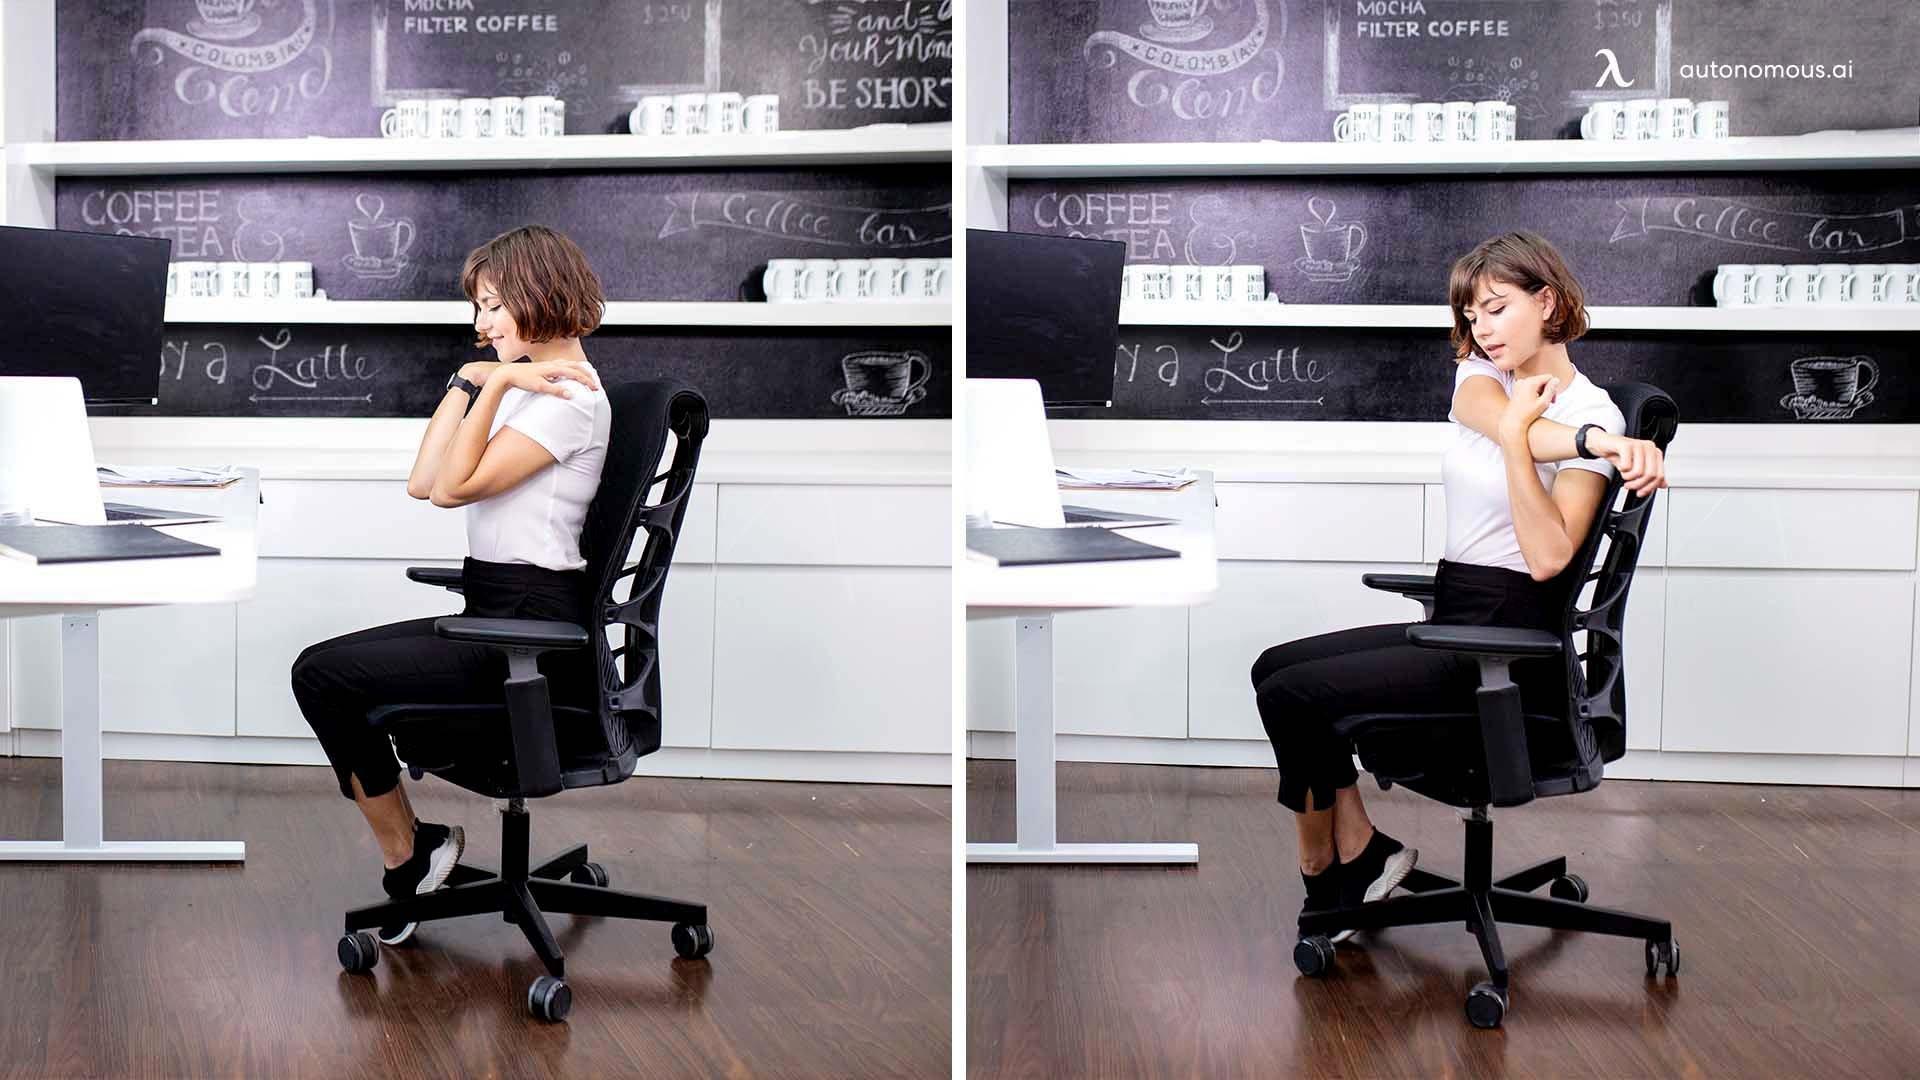 Practice Some Exercises In-Between Work